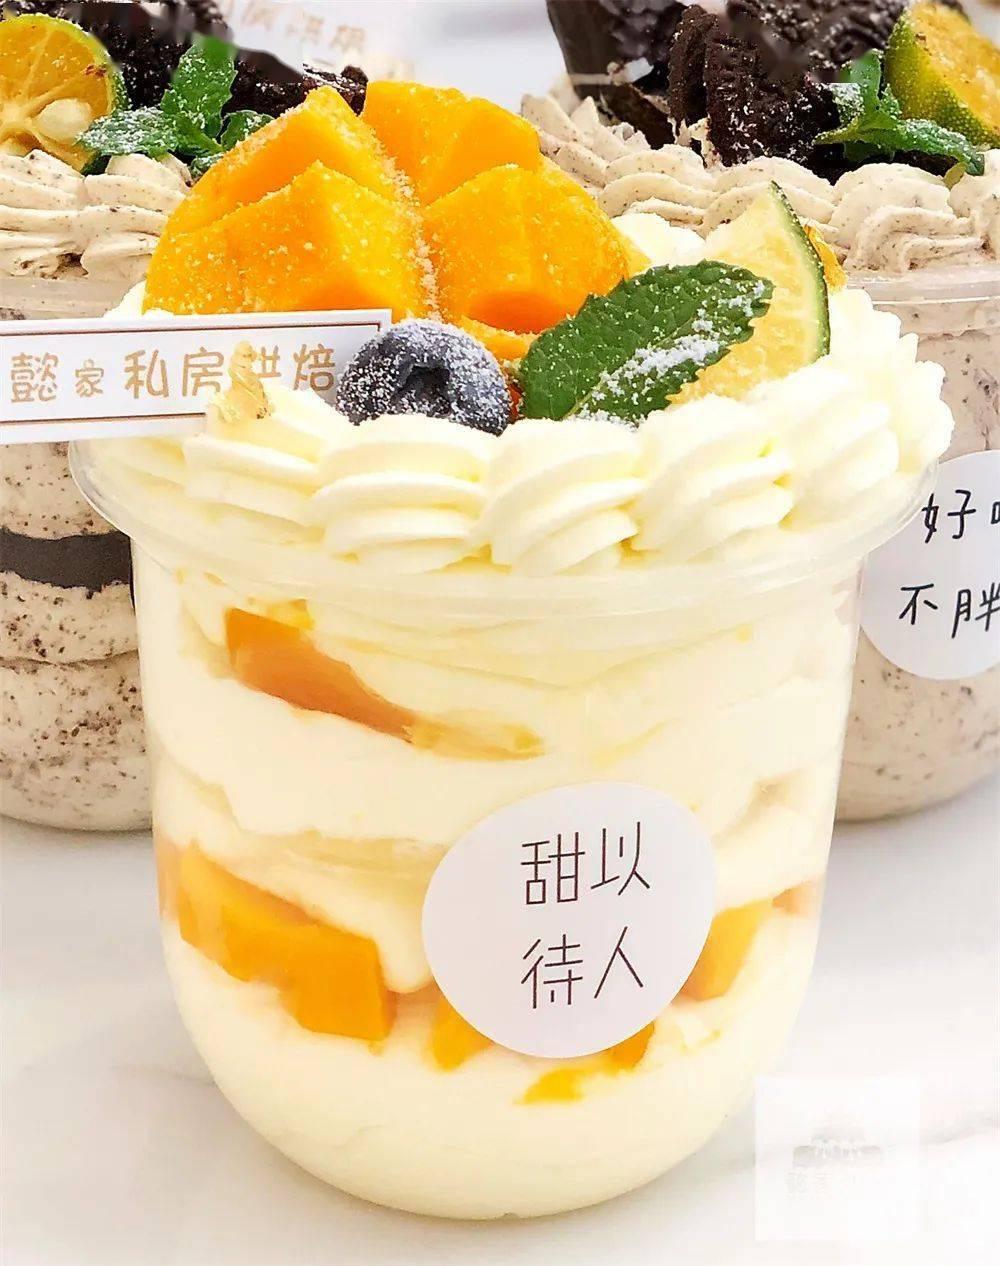 29.9元抢懿家甜品爆款胖胖杯,78元吃海苔肉松流心蛋糕…